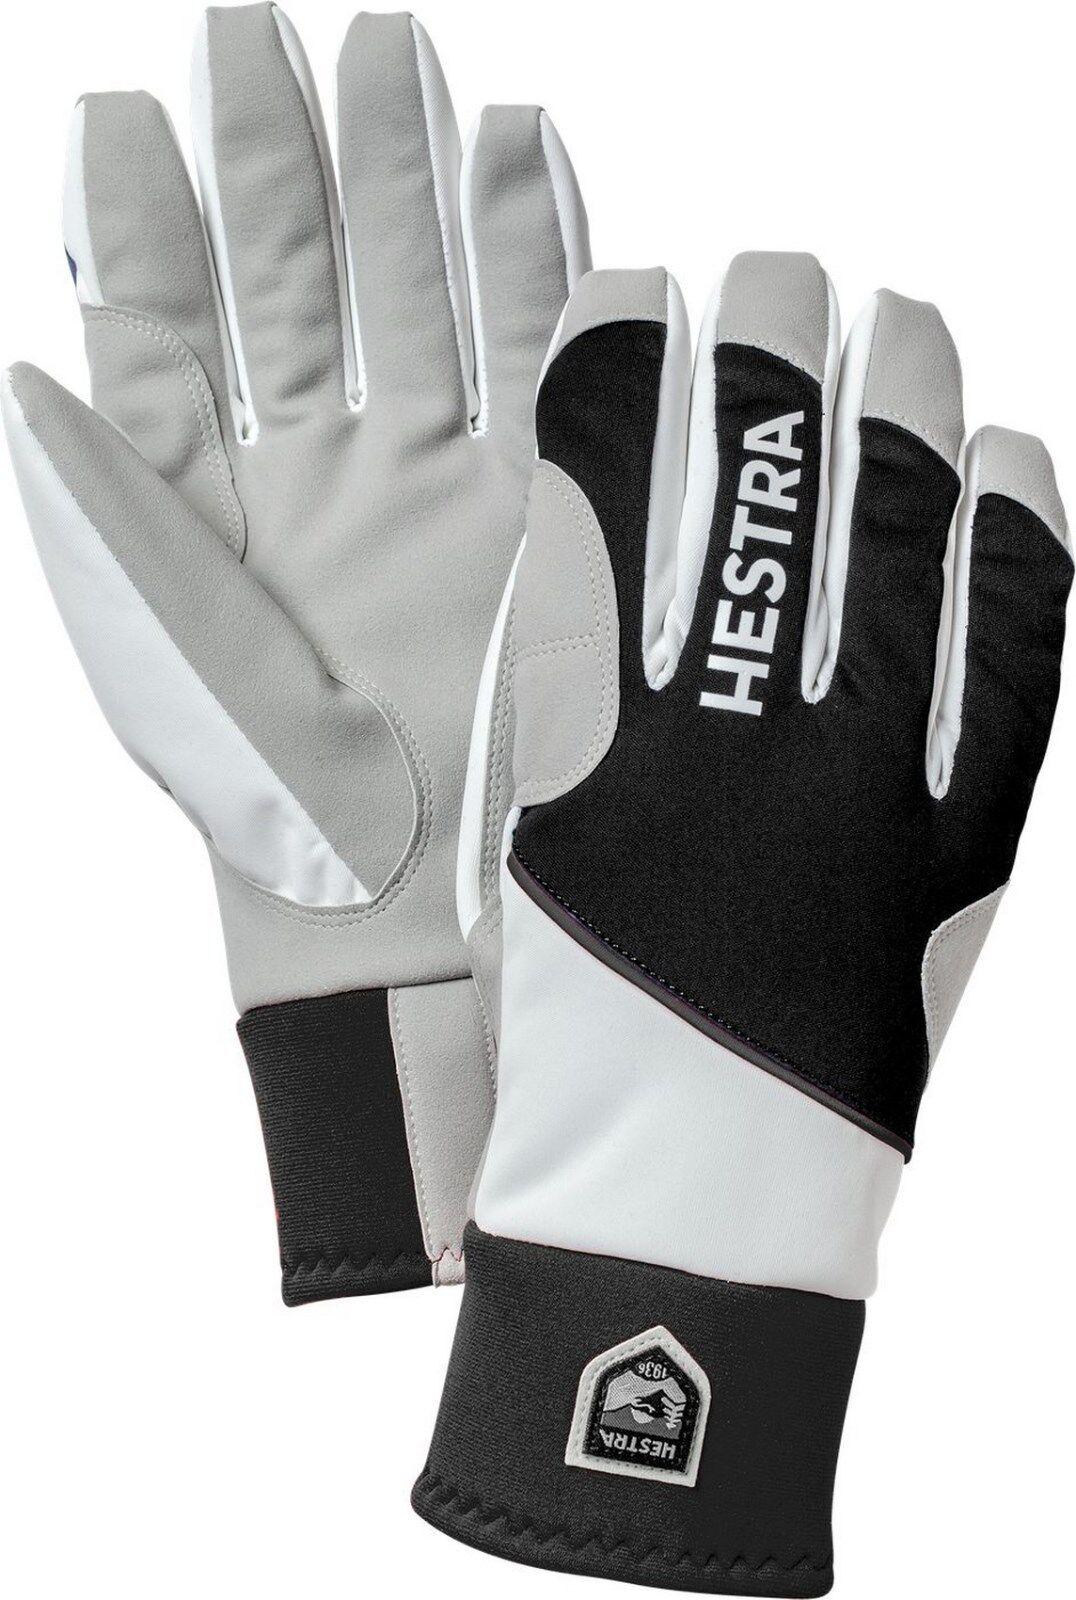 Hestra a campo traviesa guantes Comfort tracker  5 guante  nuevo   envío gratis